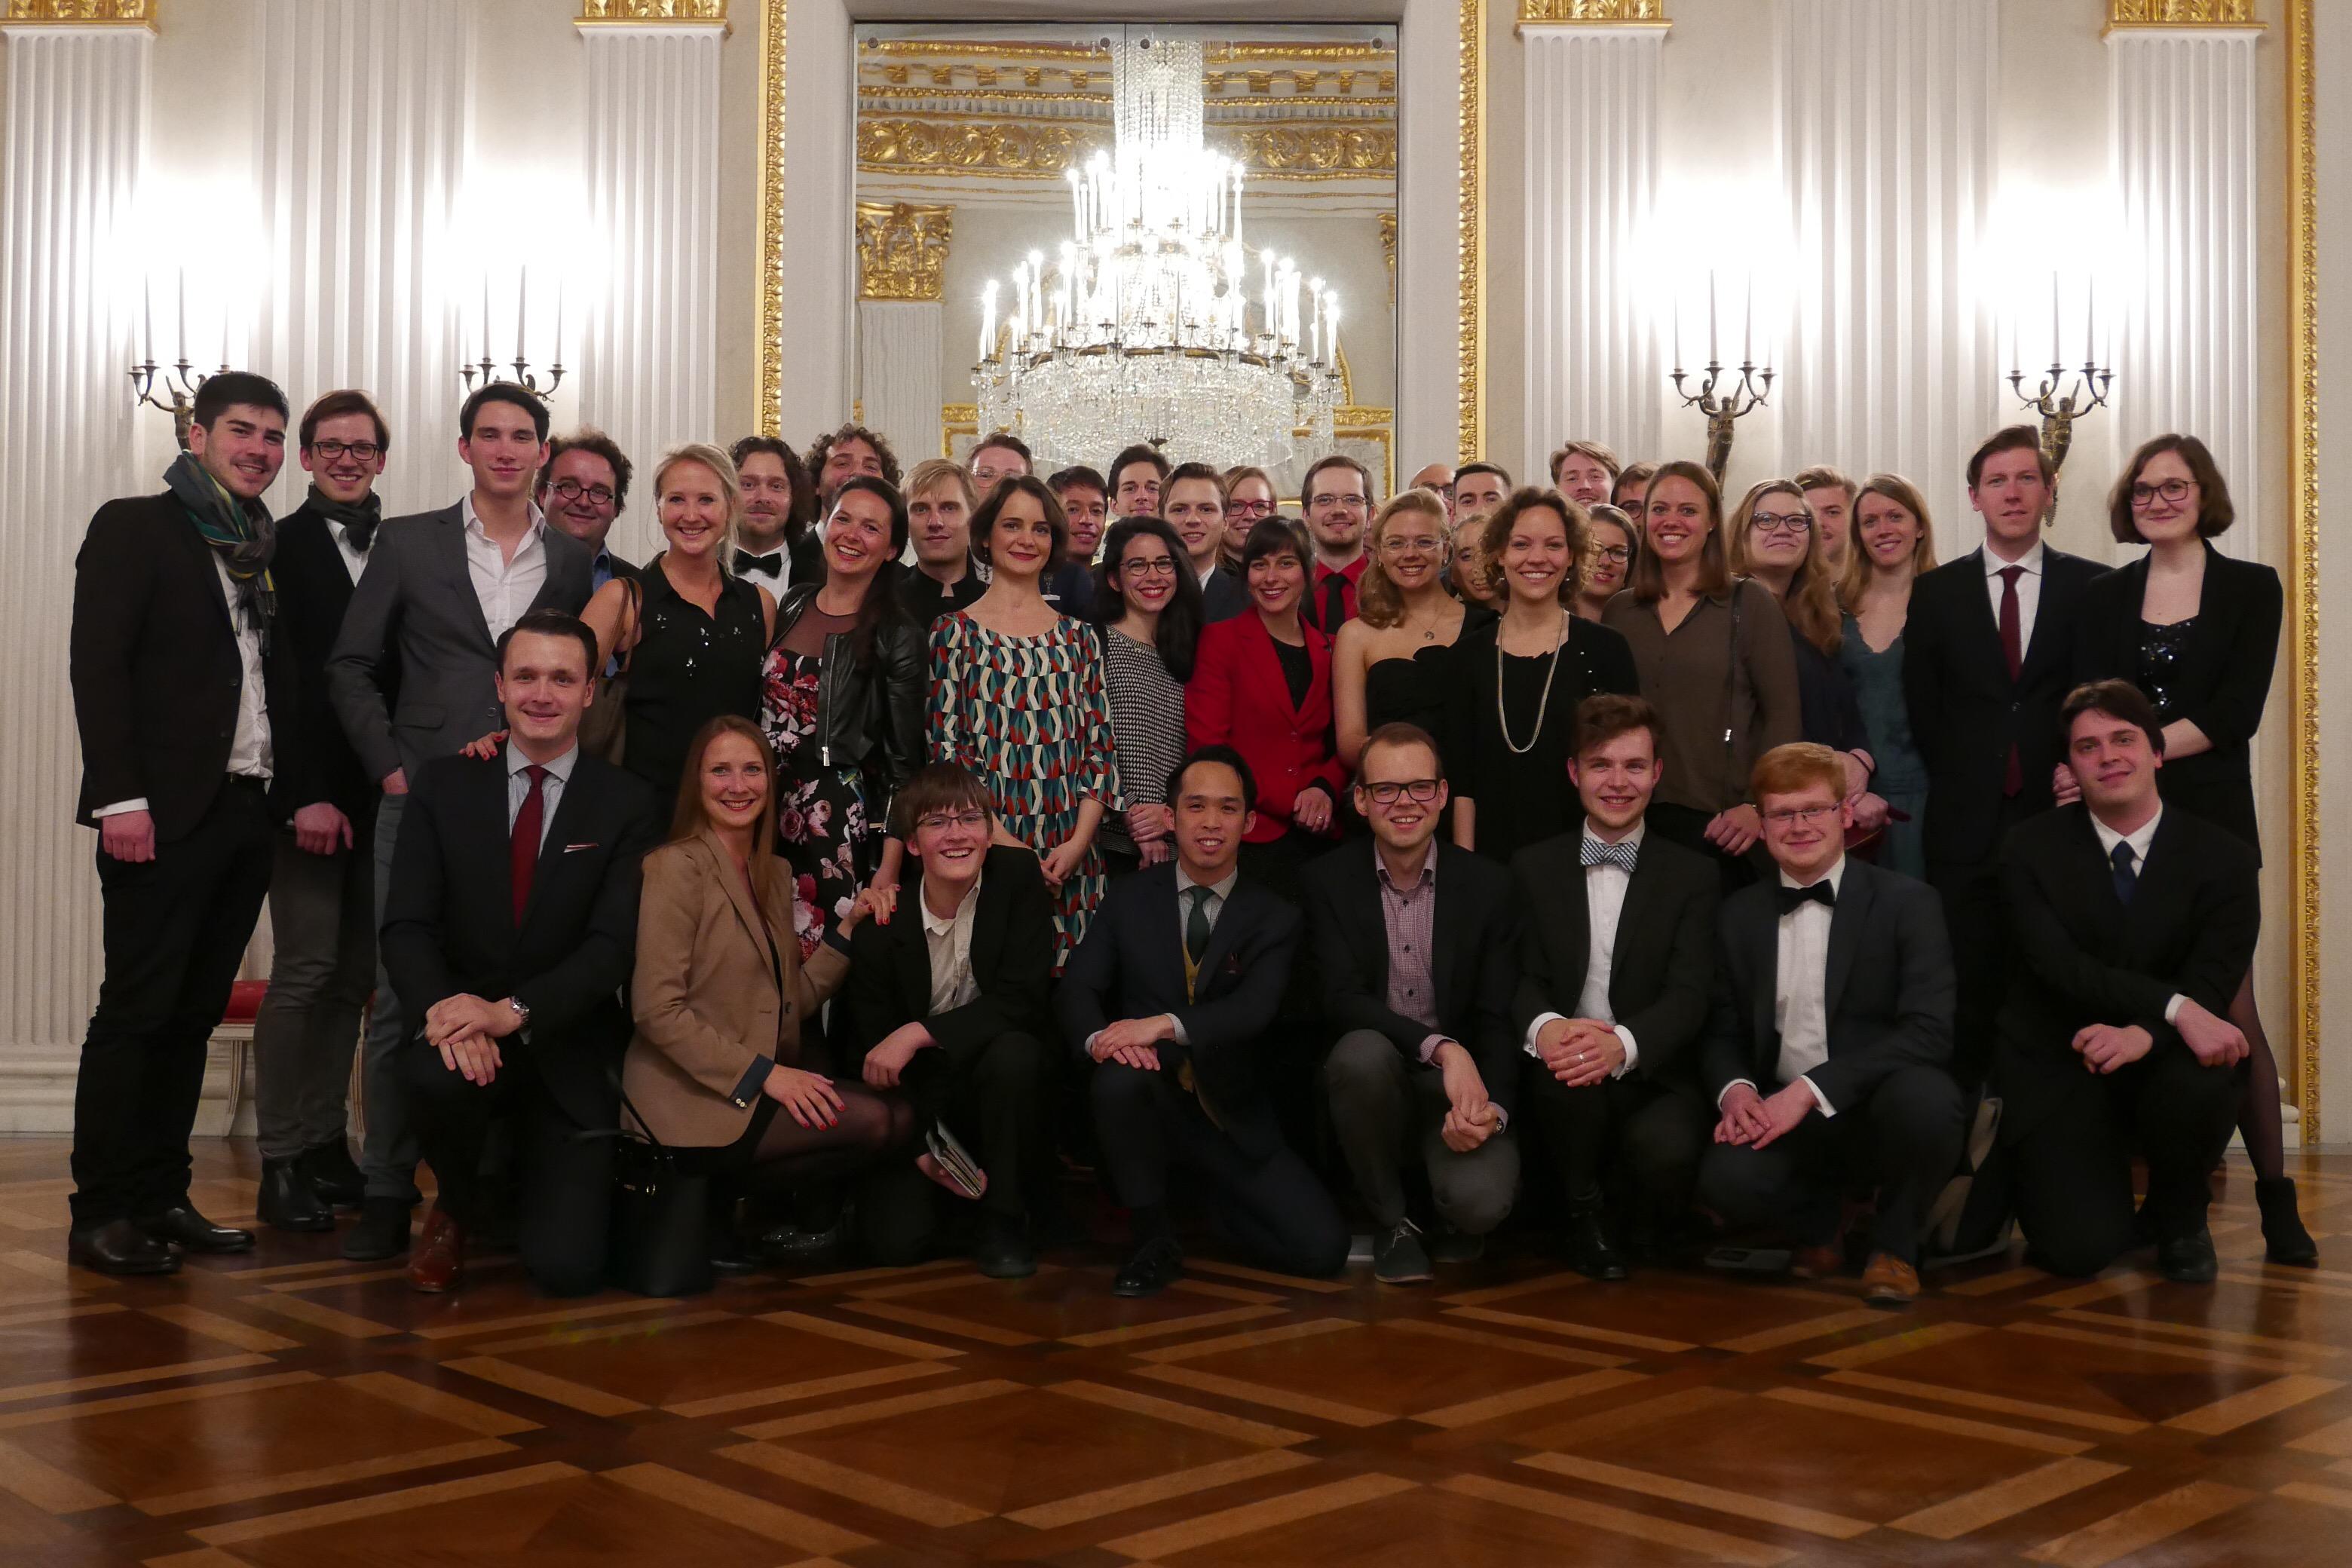 Ein Gruppenfoto der Jungen Opernfreunde München